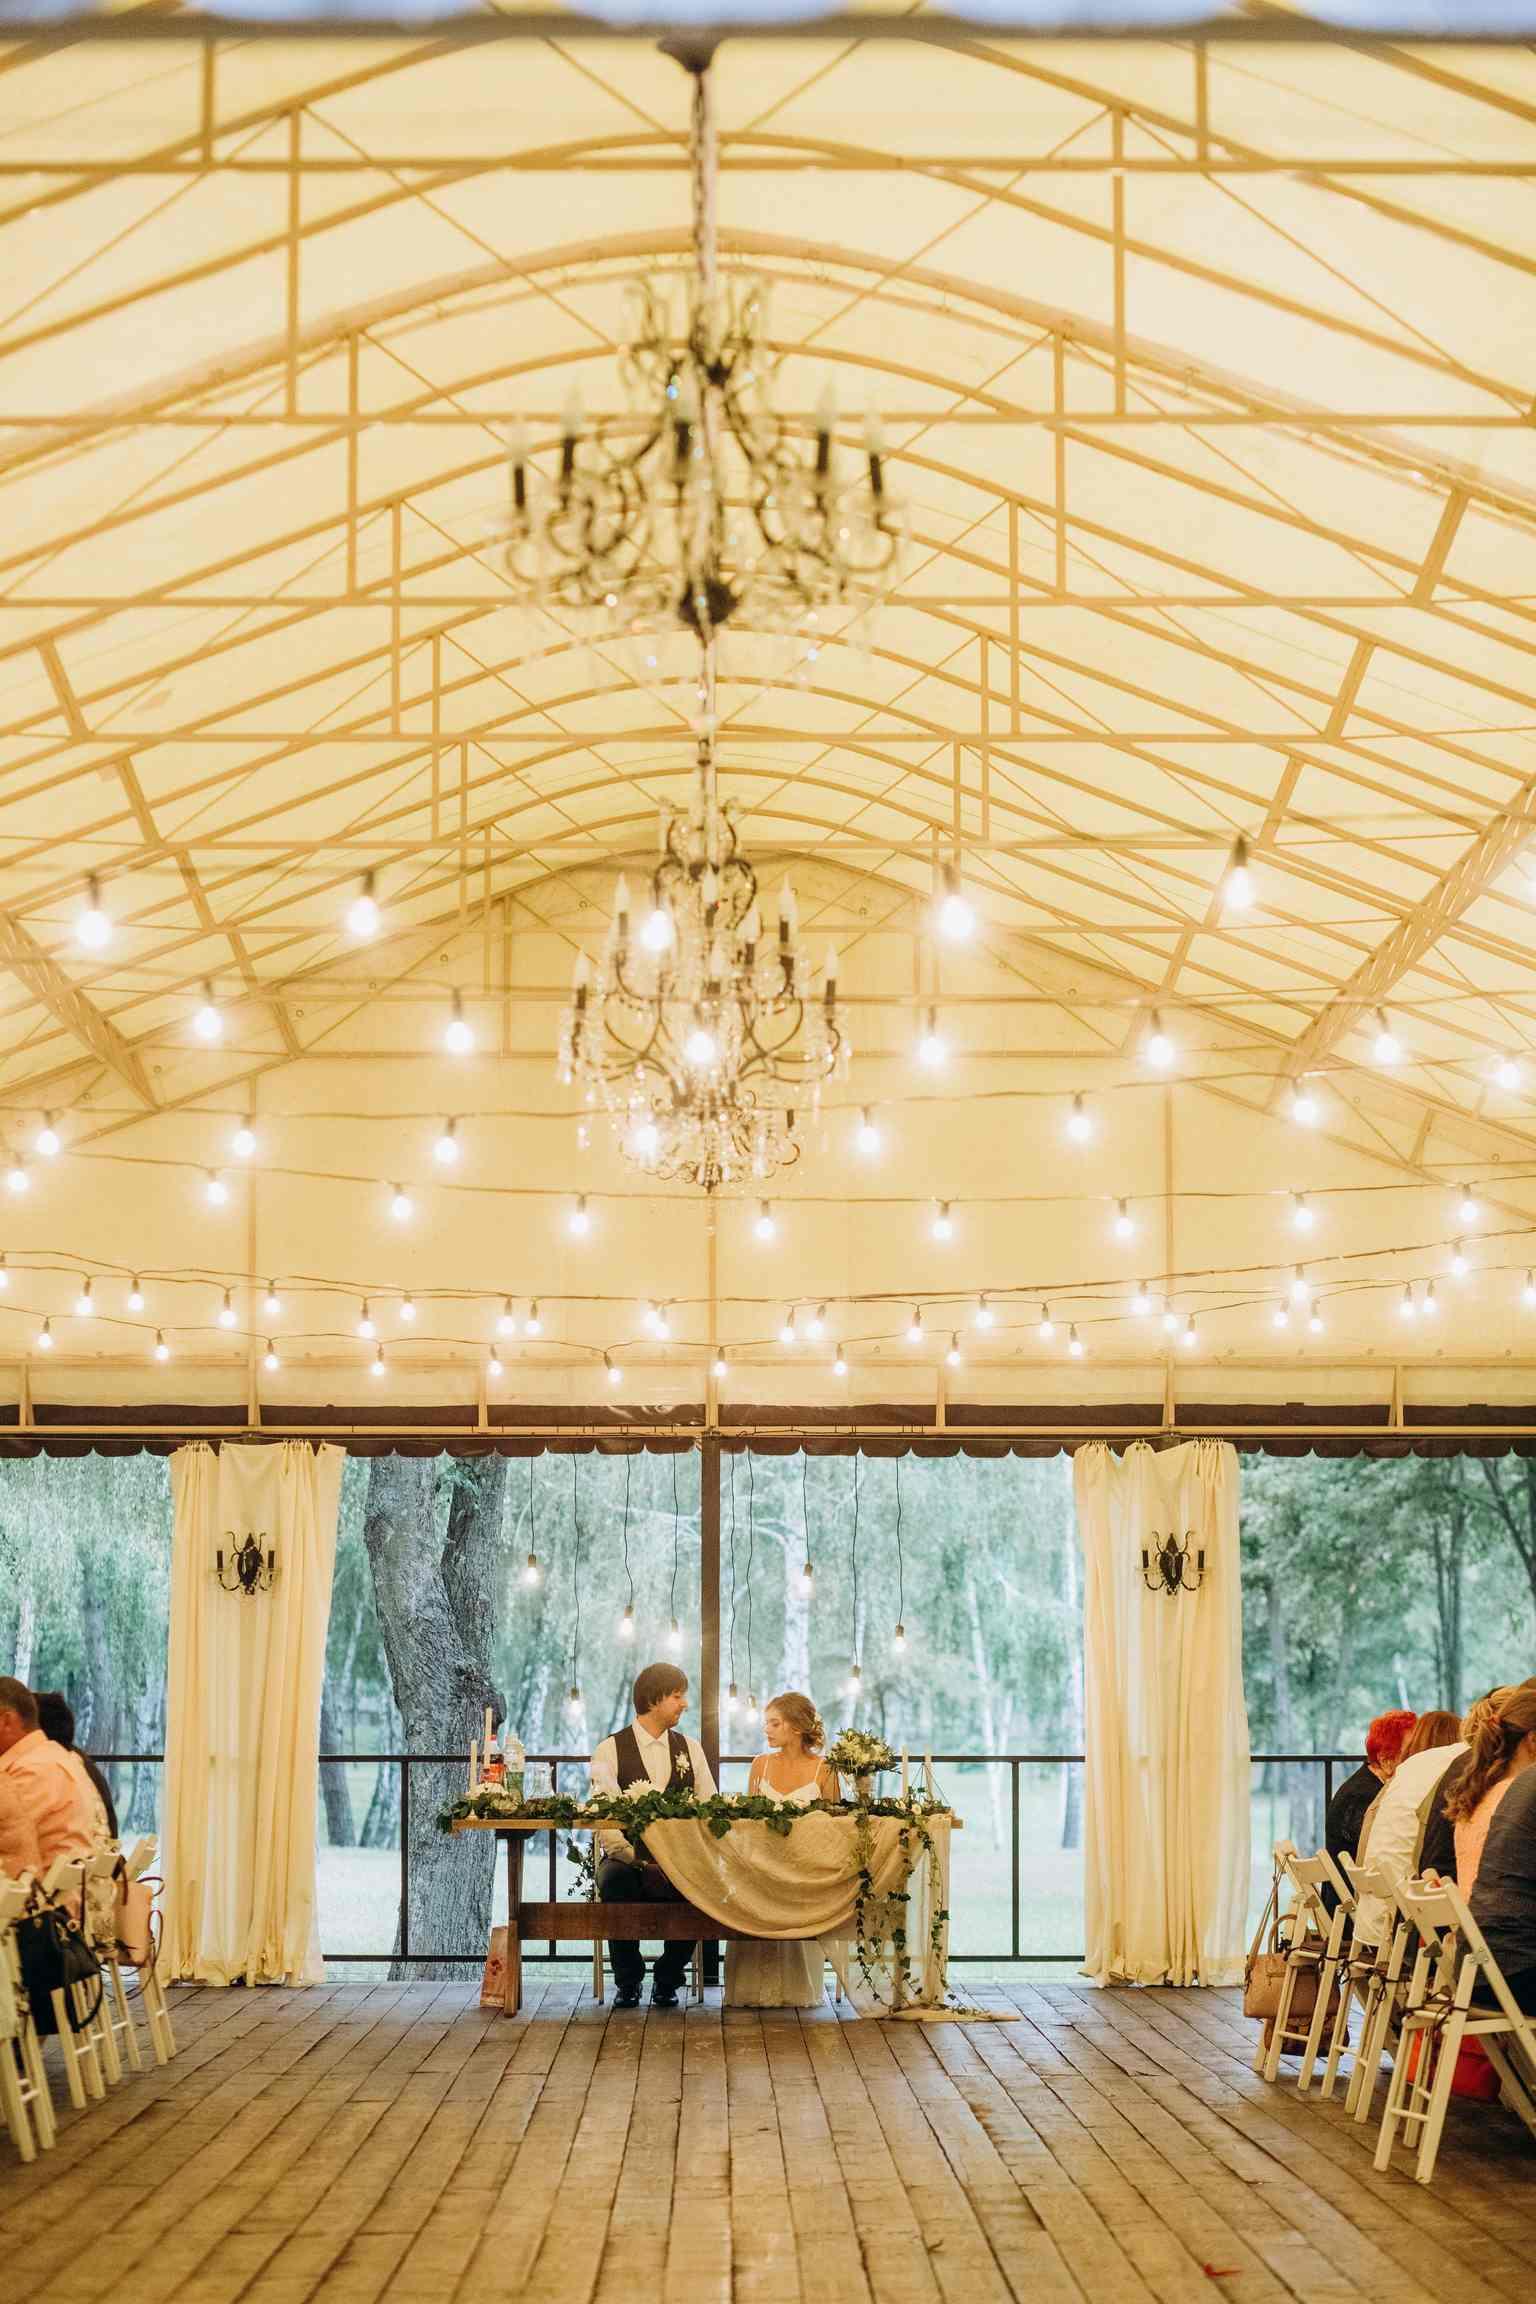 свадьба в шатре: плюсы и минусы